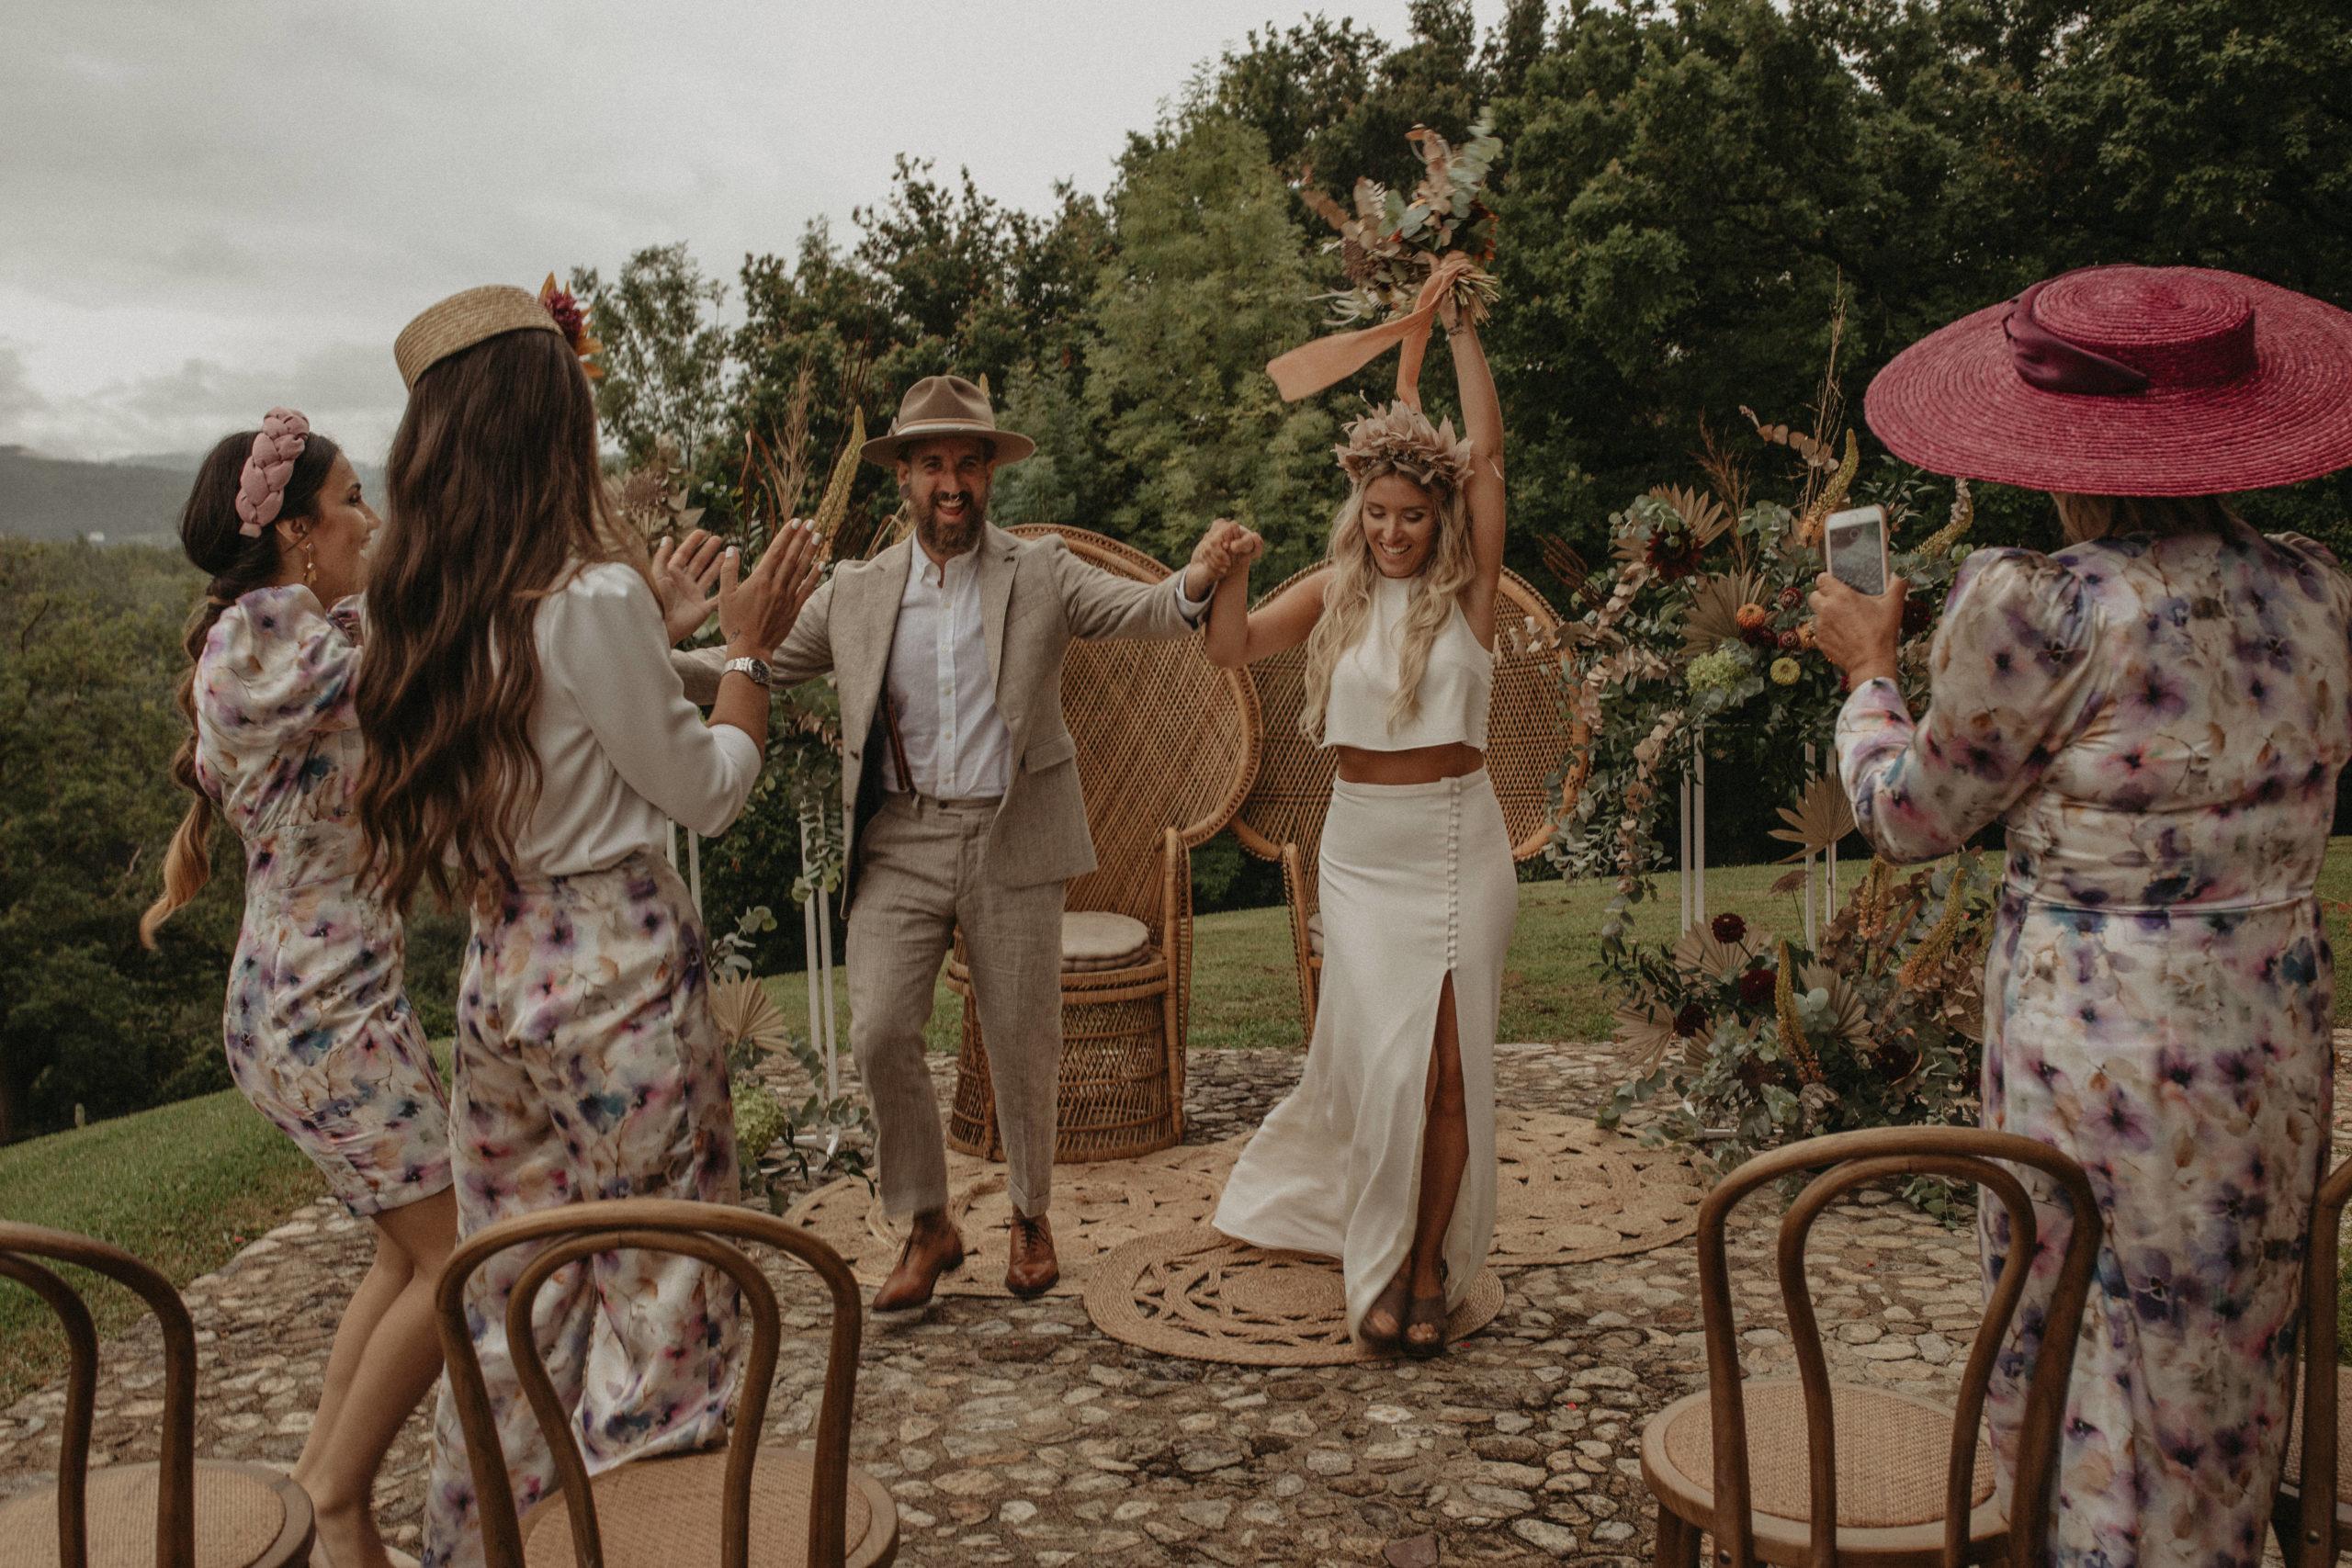 Salida de la ceremonia de los novios en la ceremonia de boda